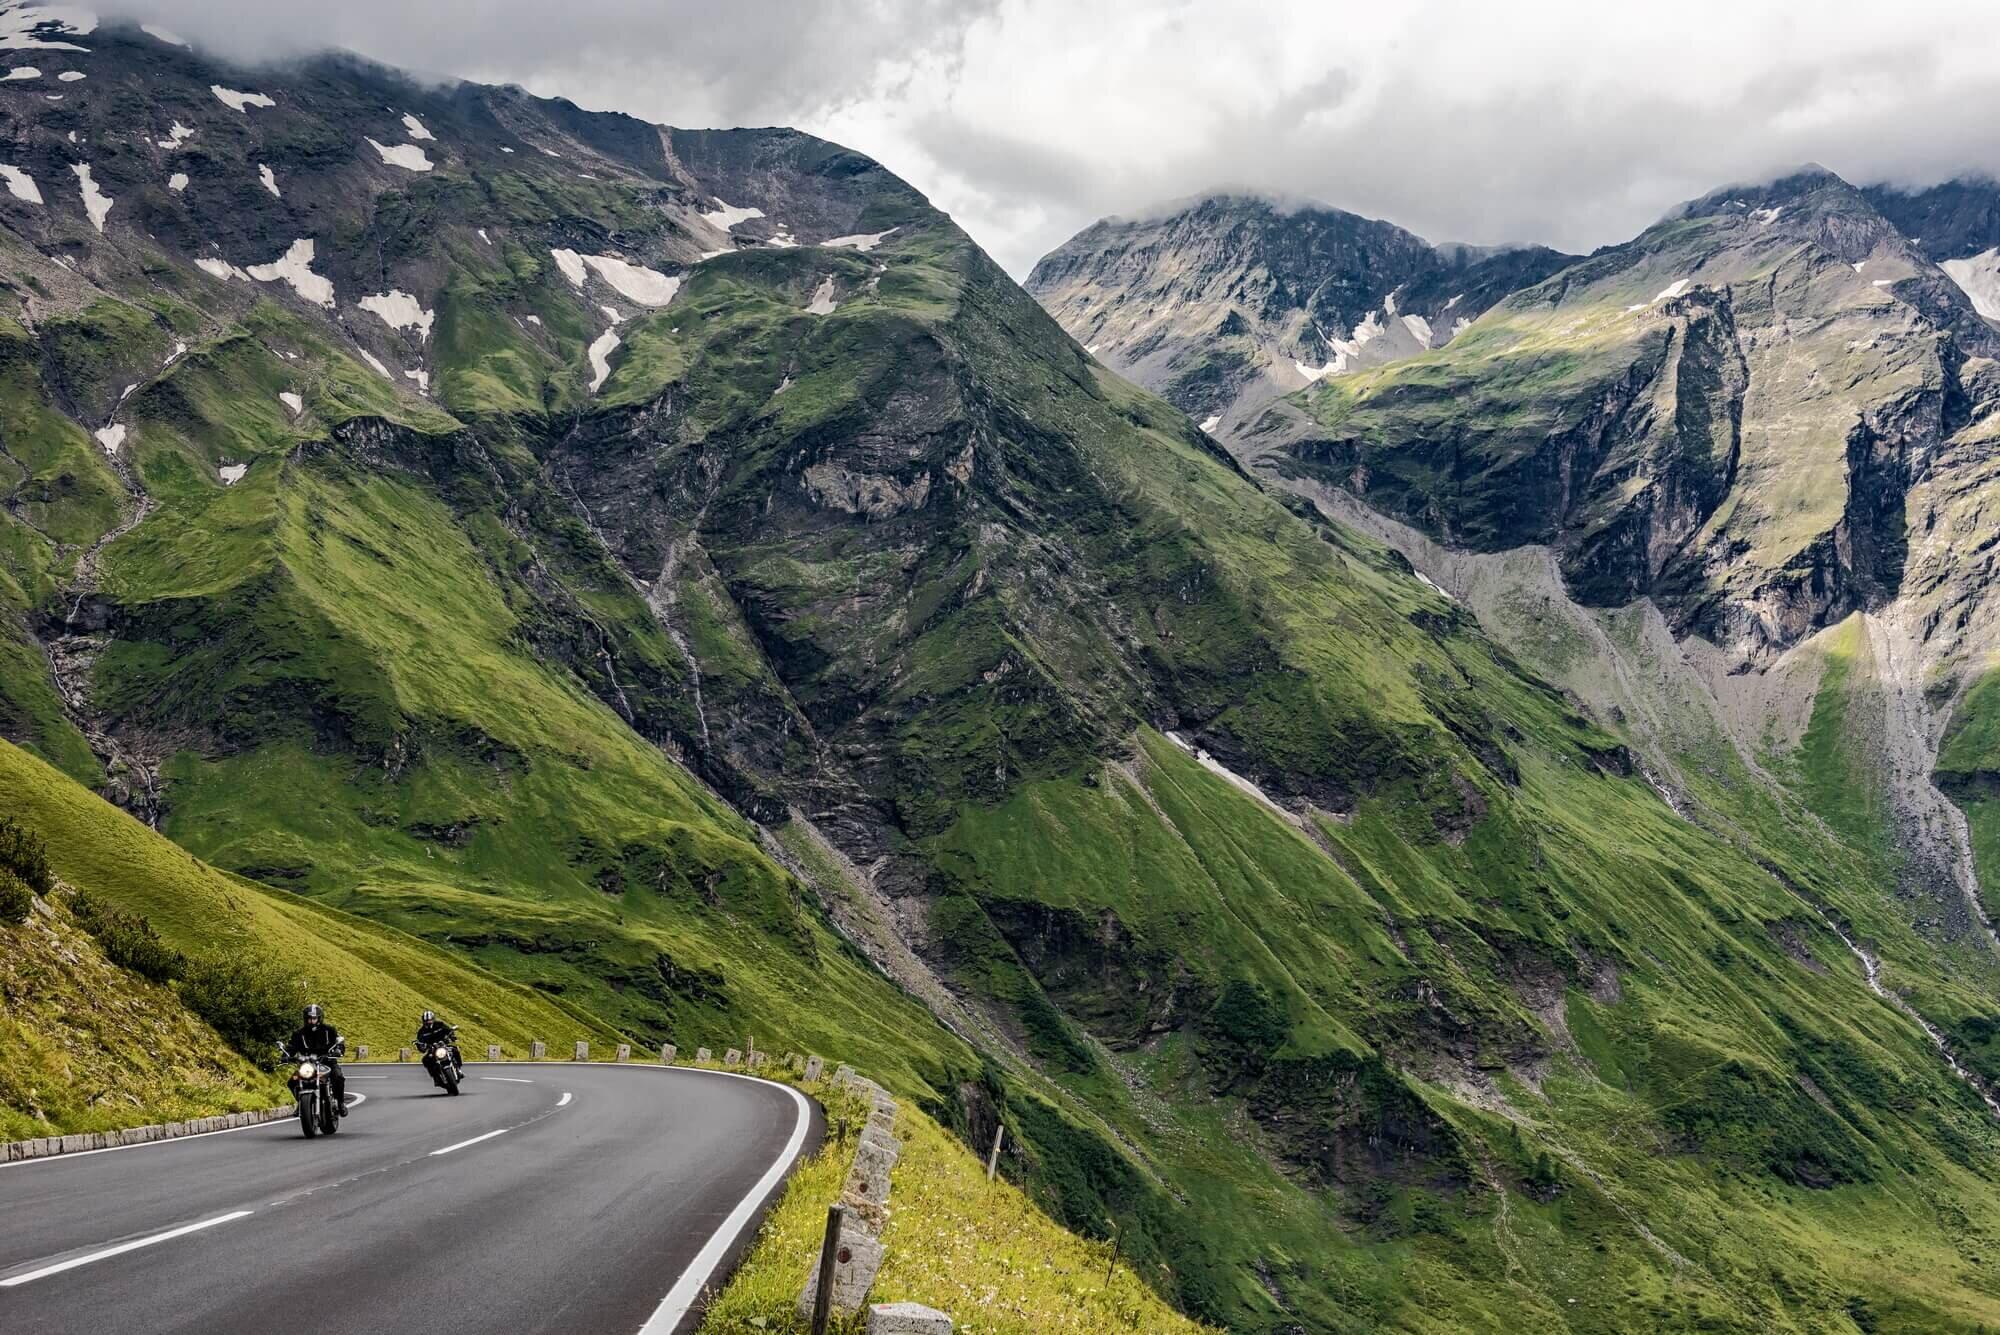 הכביש האלפיני הגבוה של גרוסגלוקנר